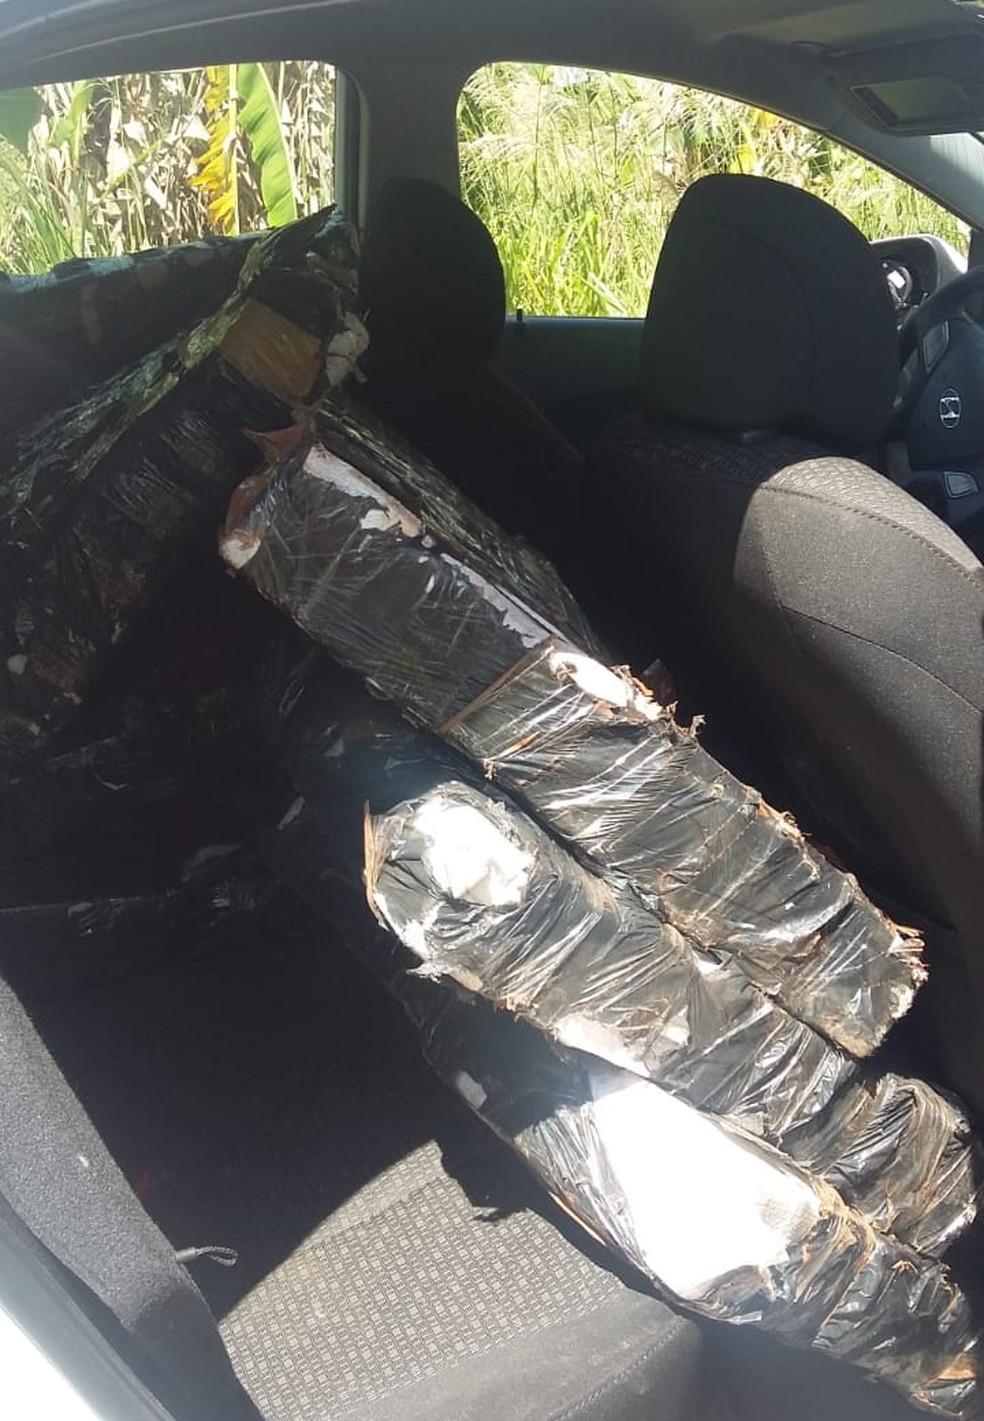 Carro estava com maconha no banco de trás durante perseguição em rodovia de Irapuã — Foto: Juliano Abocater/TV TEM